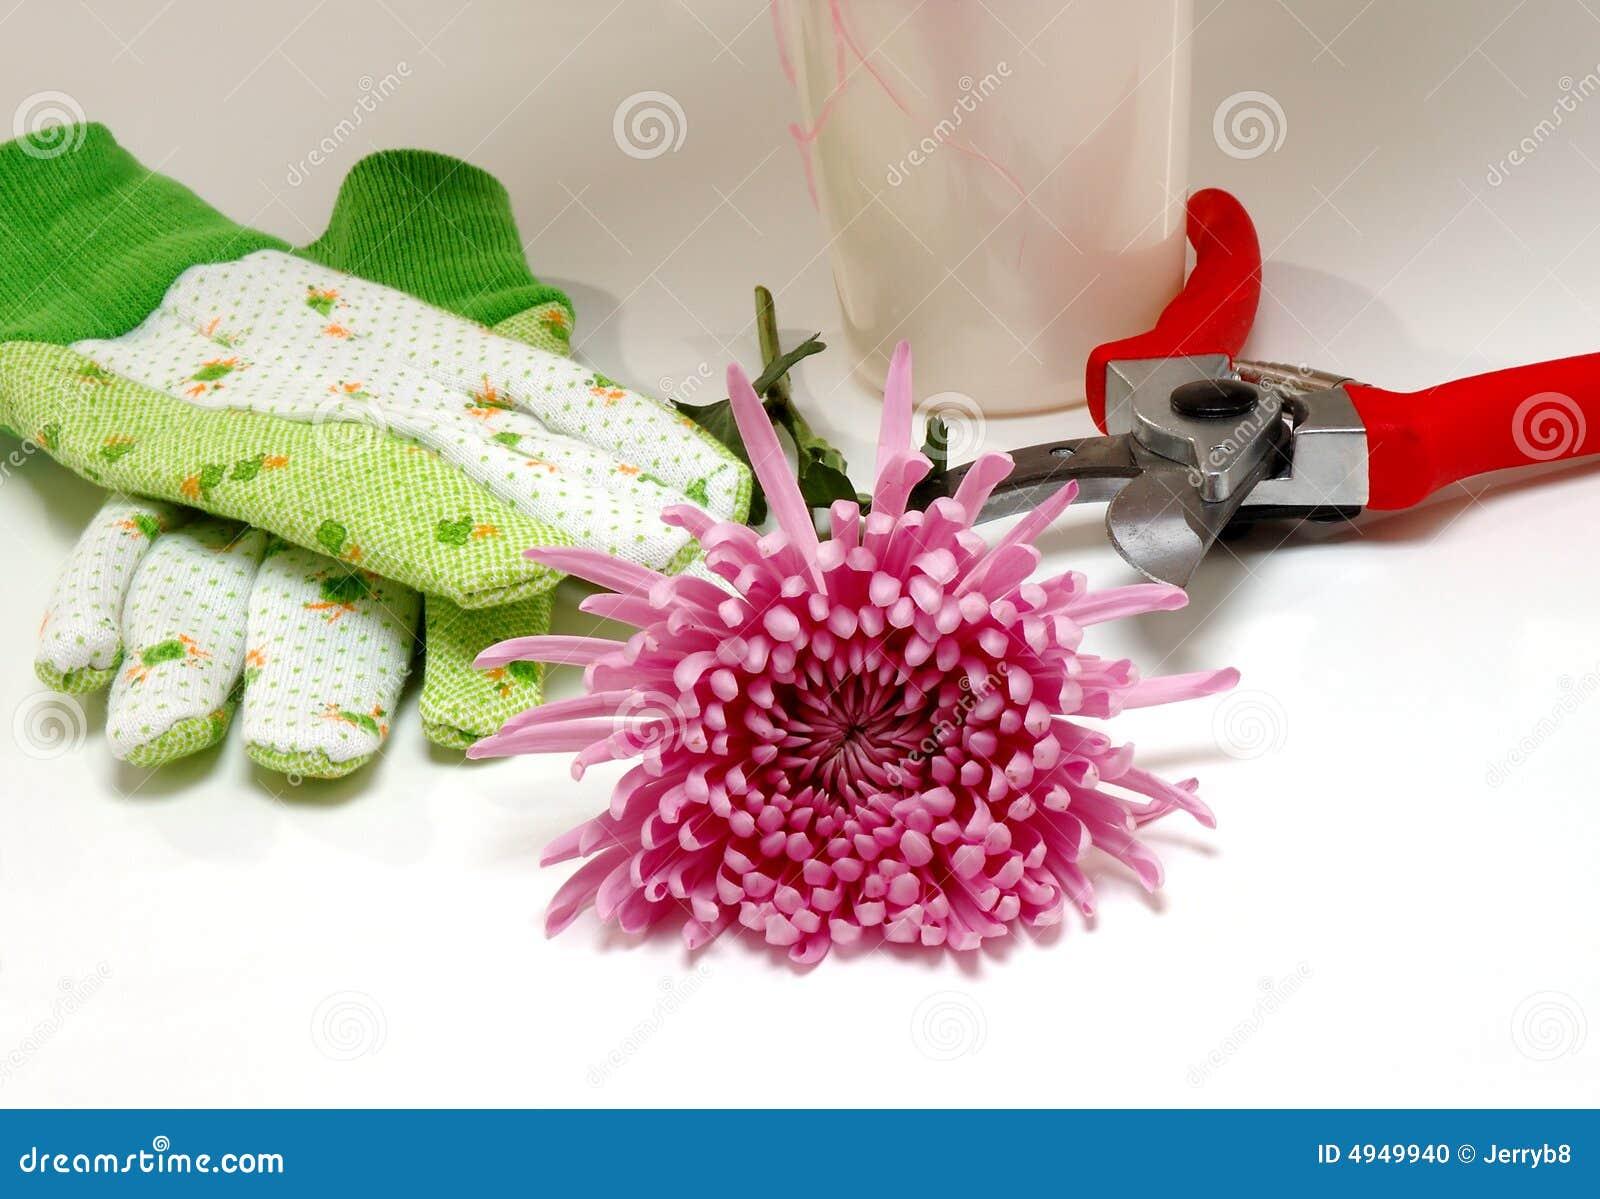 Les outils et la fleur du fleuriste photo stock image du for Fleuriste jardin des fleurs